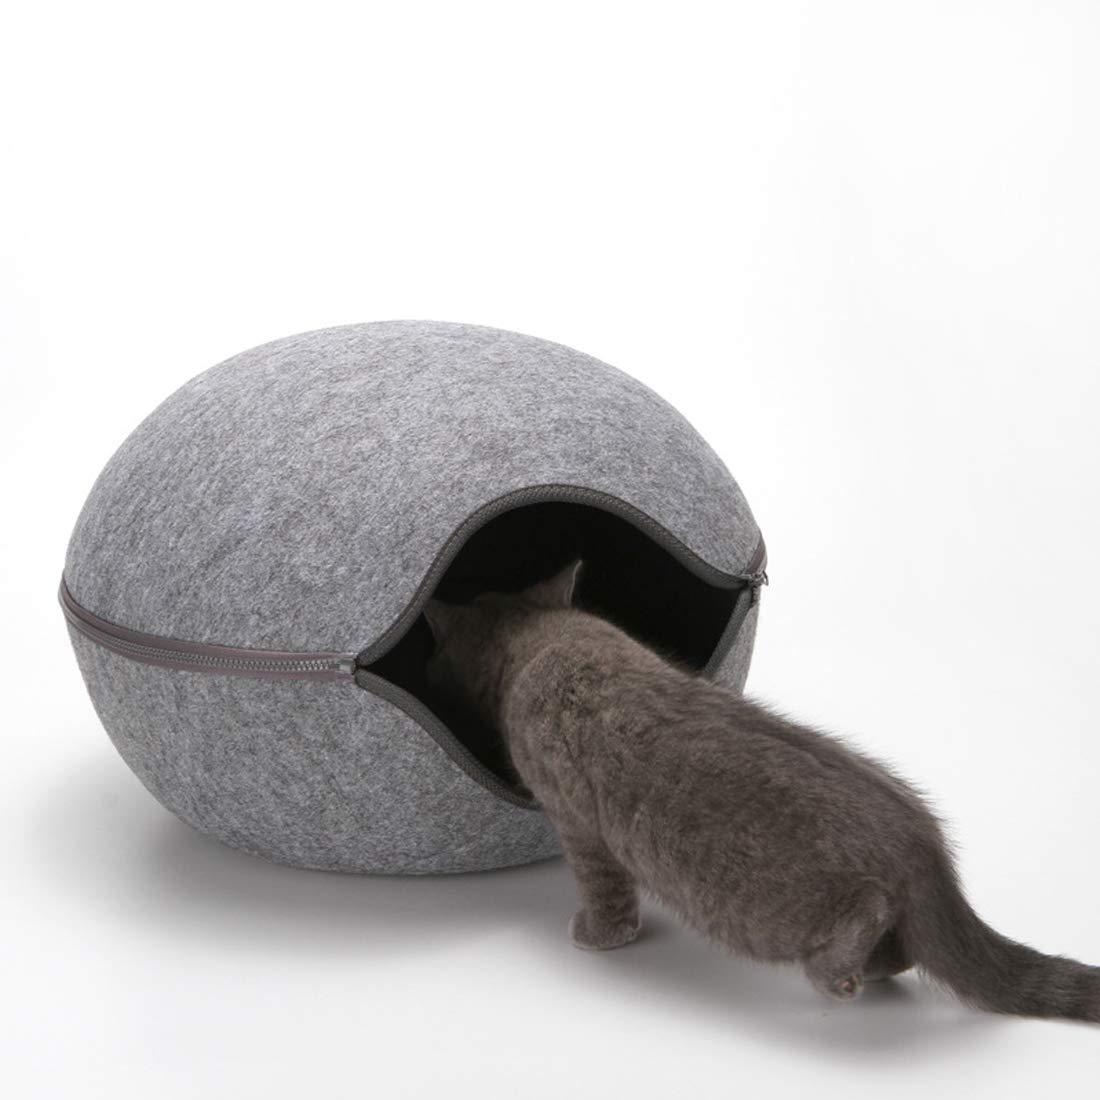 B Outdoor Dog Kennel Egg Shape Dog Cat Bed Cat Sleeping Bag Zipper Felt Cloth Winter Warm Pet House All Around Cat Nest Detachable Cushion Mat Dog House,B